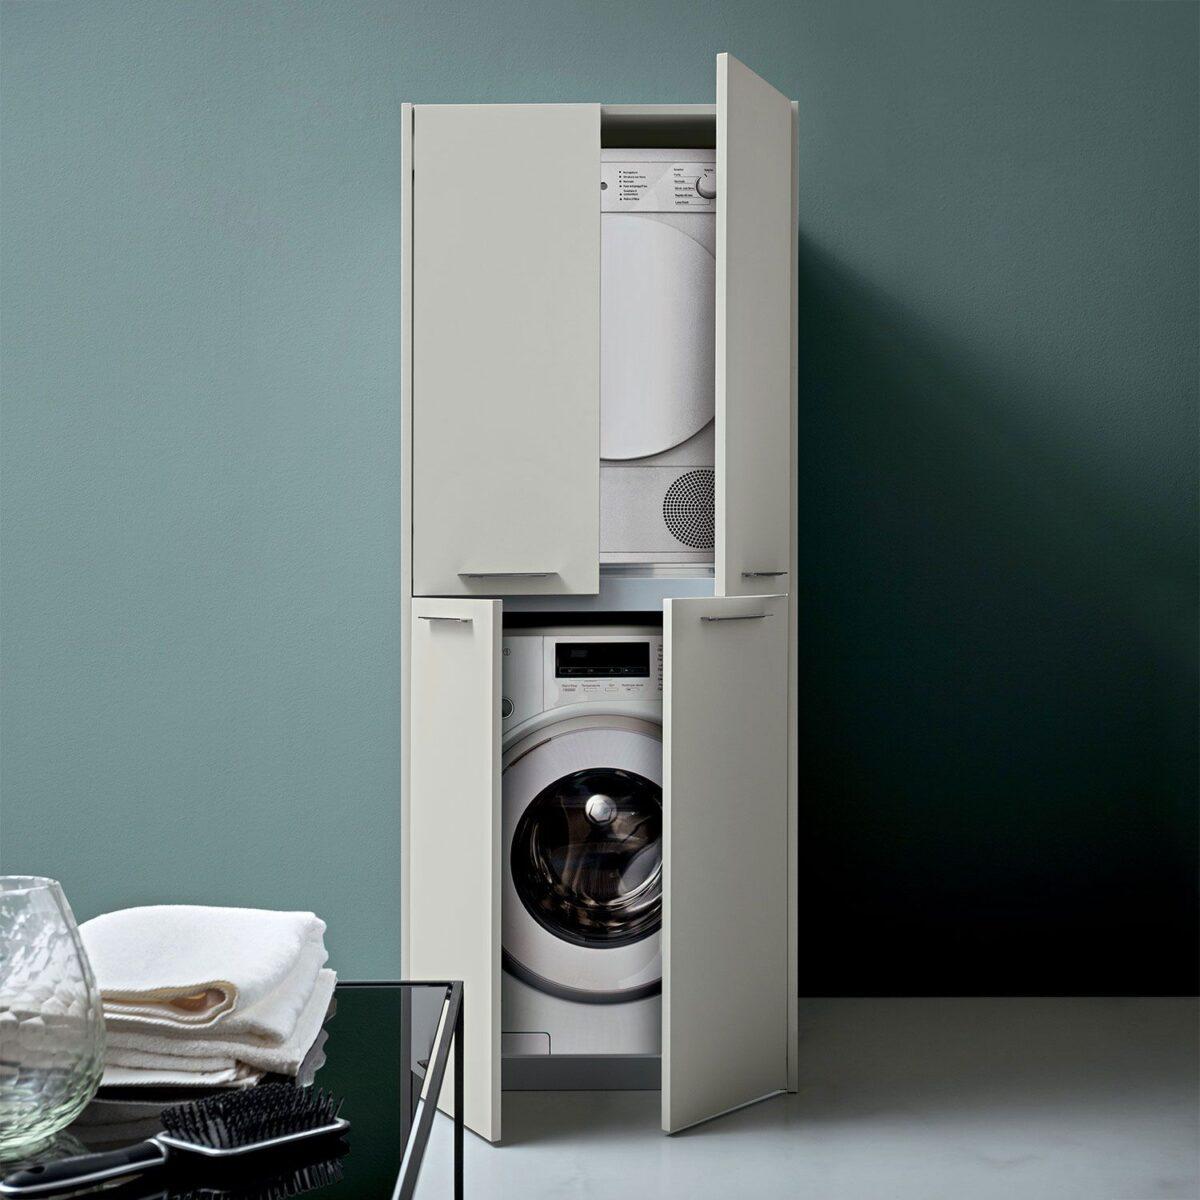 lavatrice-mimetizzata-o-a-vista-opinioni-5